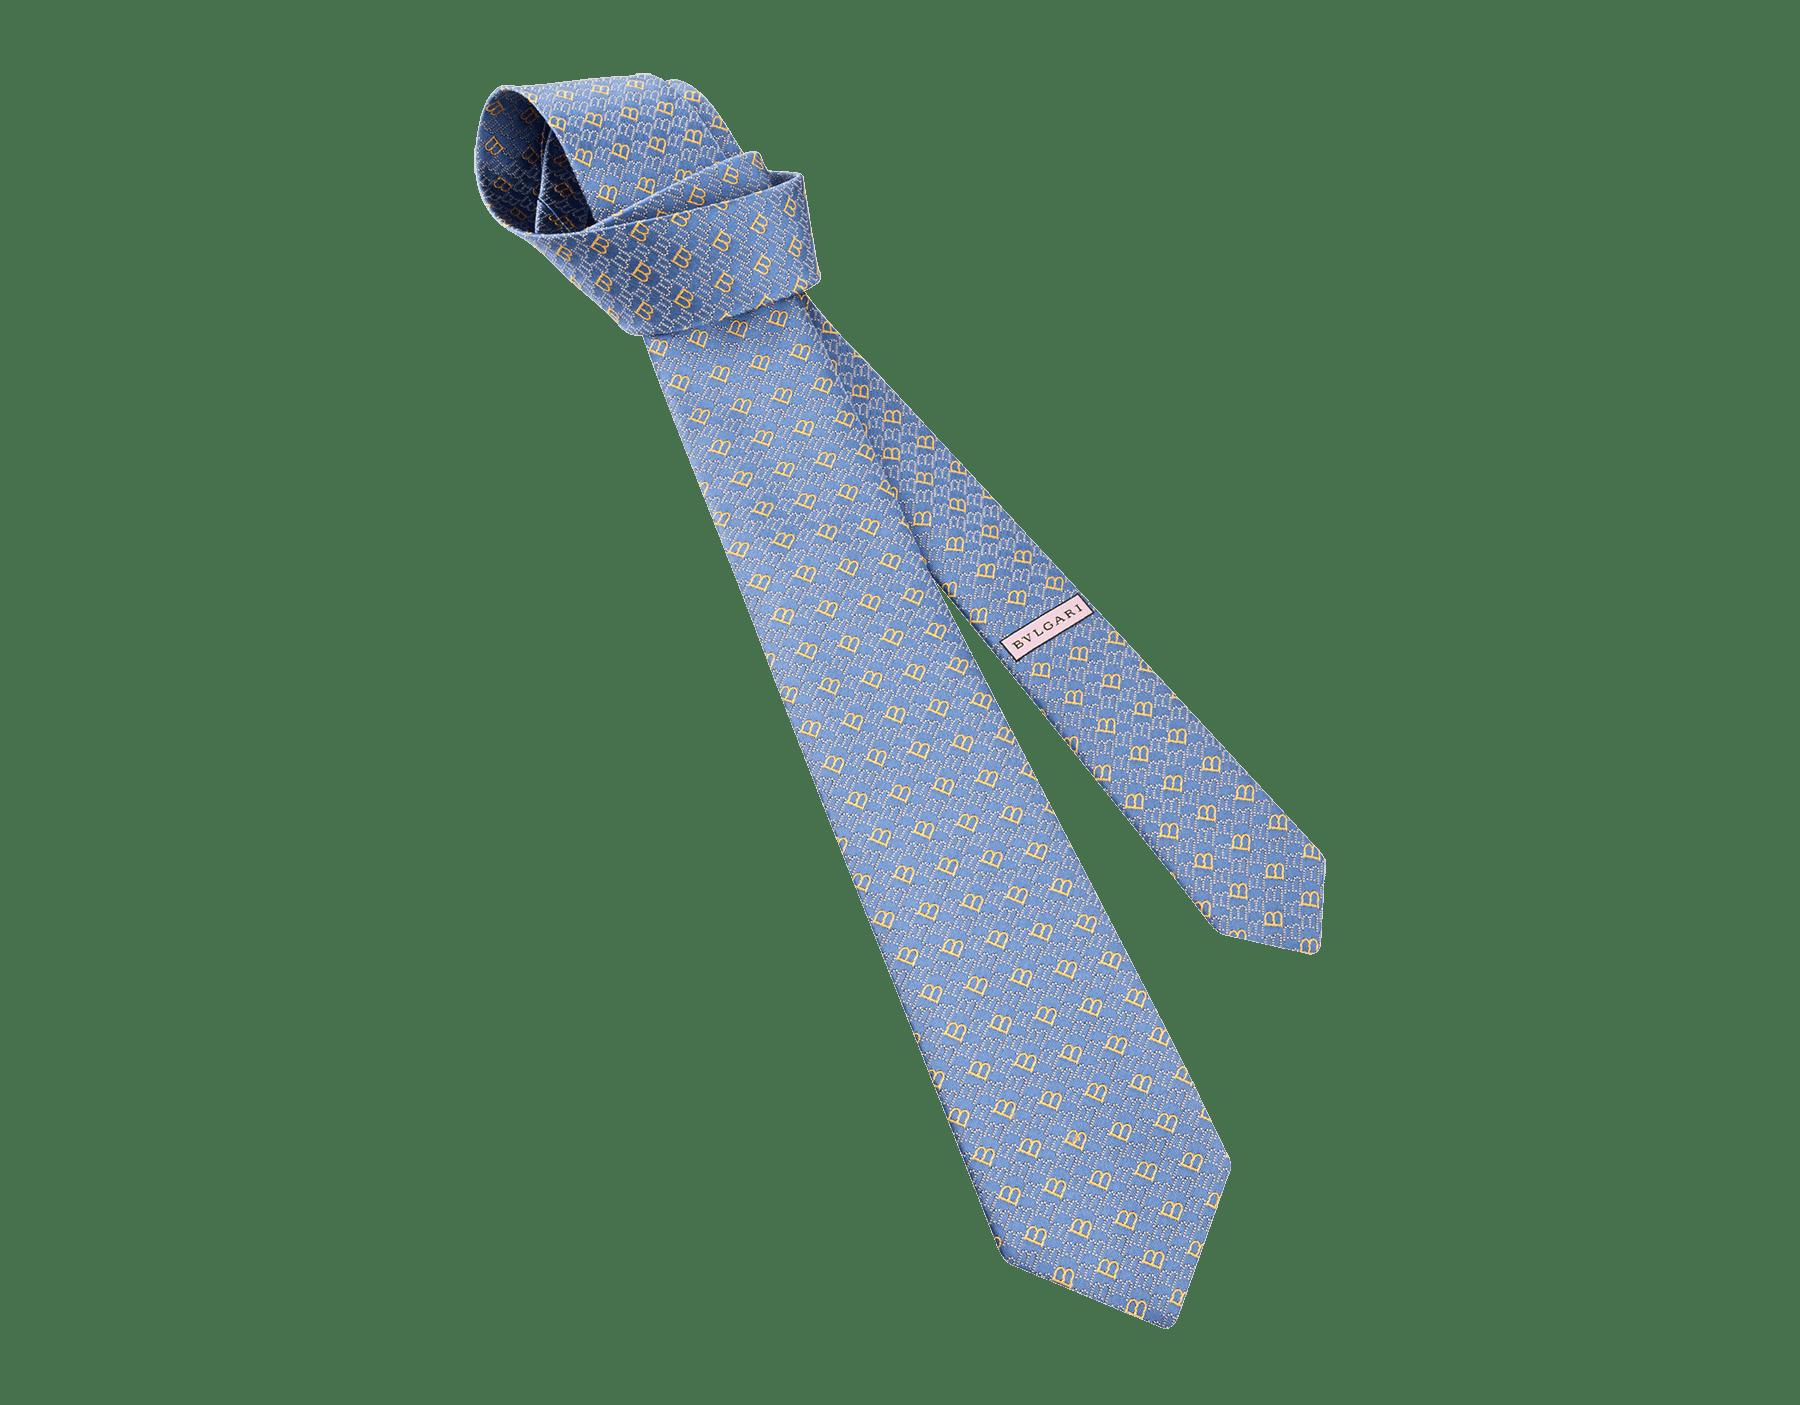 Corbata de siete pliegues azul claro en seda de jacquard fina Logo B Point. 244388 image 1